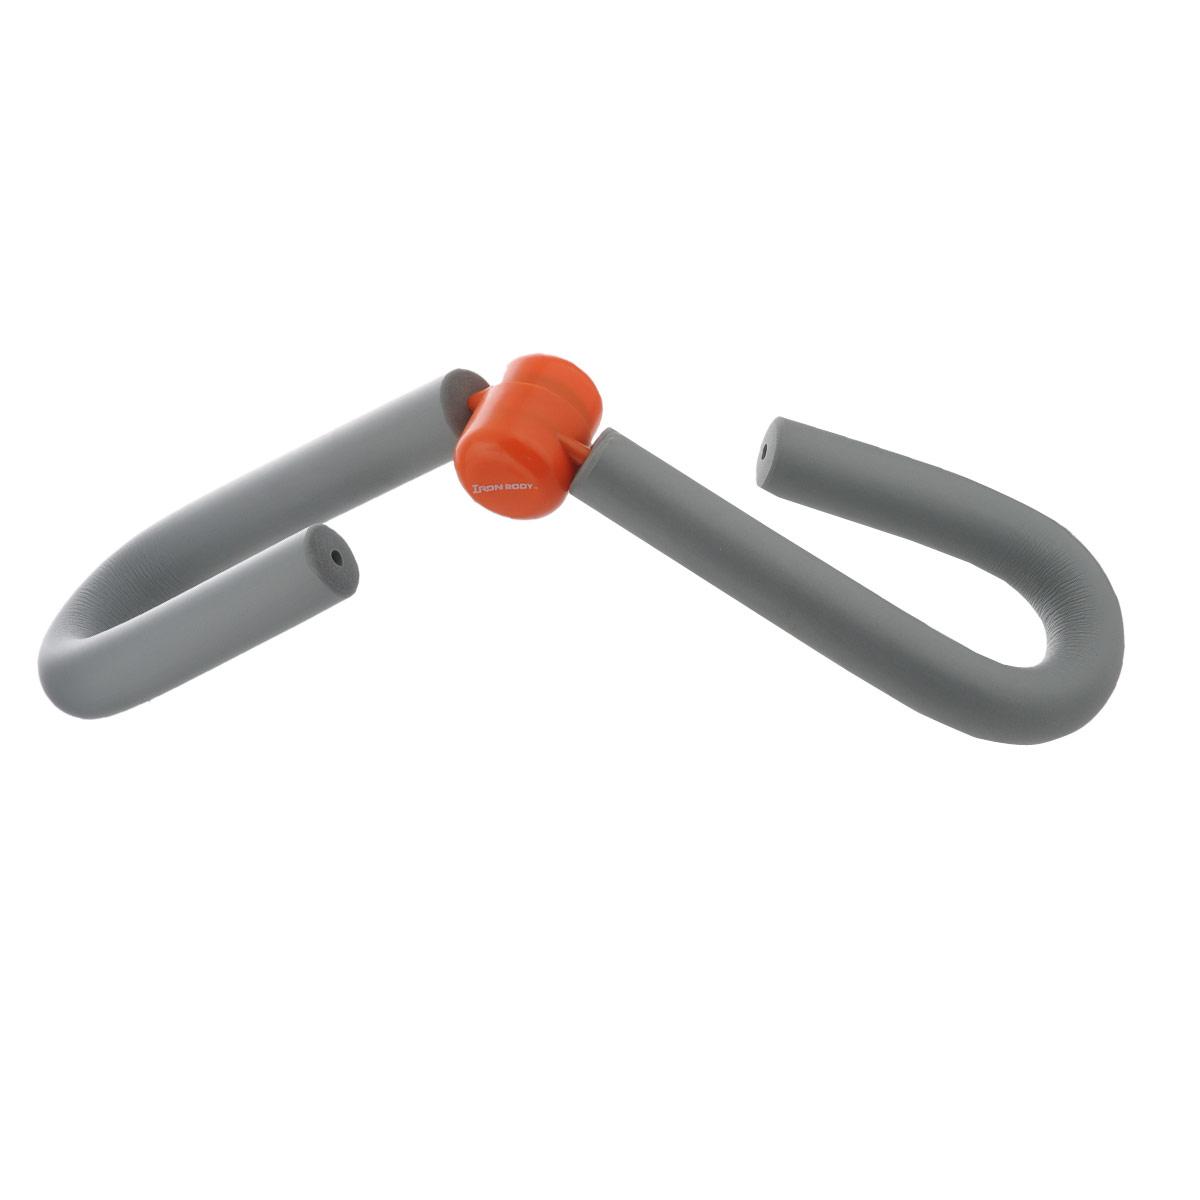 Эспандер Easy Body, цвет: серый. 0848CP0848CPЭспандер Easy Body с мягкими рукоятками предназначен для укрепления мышц бедра, голени, ягодиц, рук и груди. Использование эспандера укрепит ваши мышцы и улучшит рельефы тела.